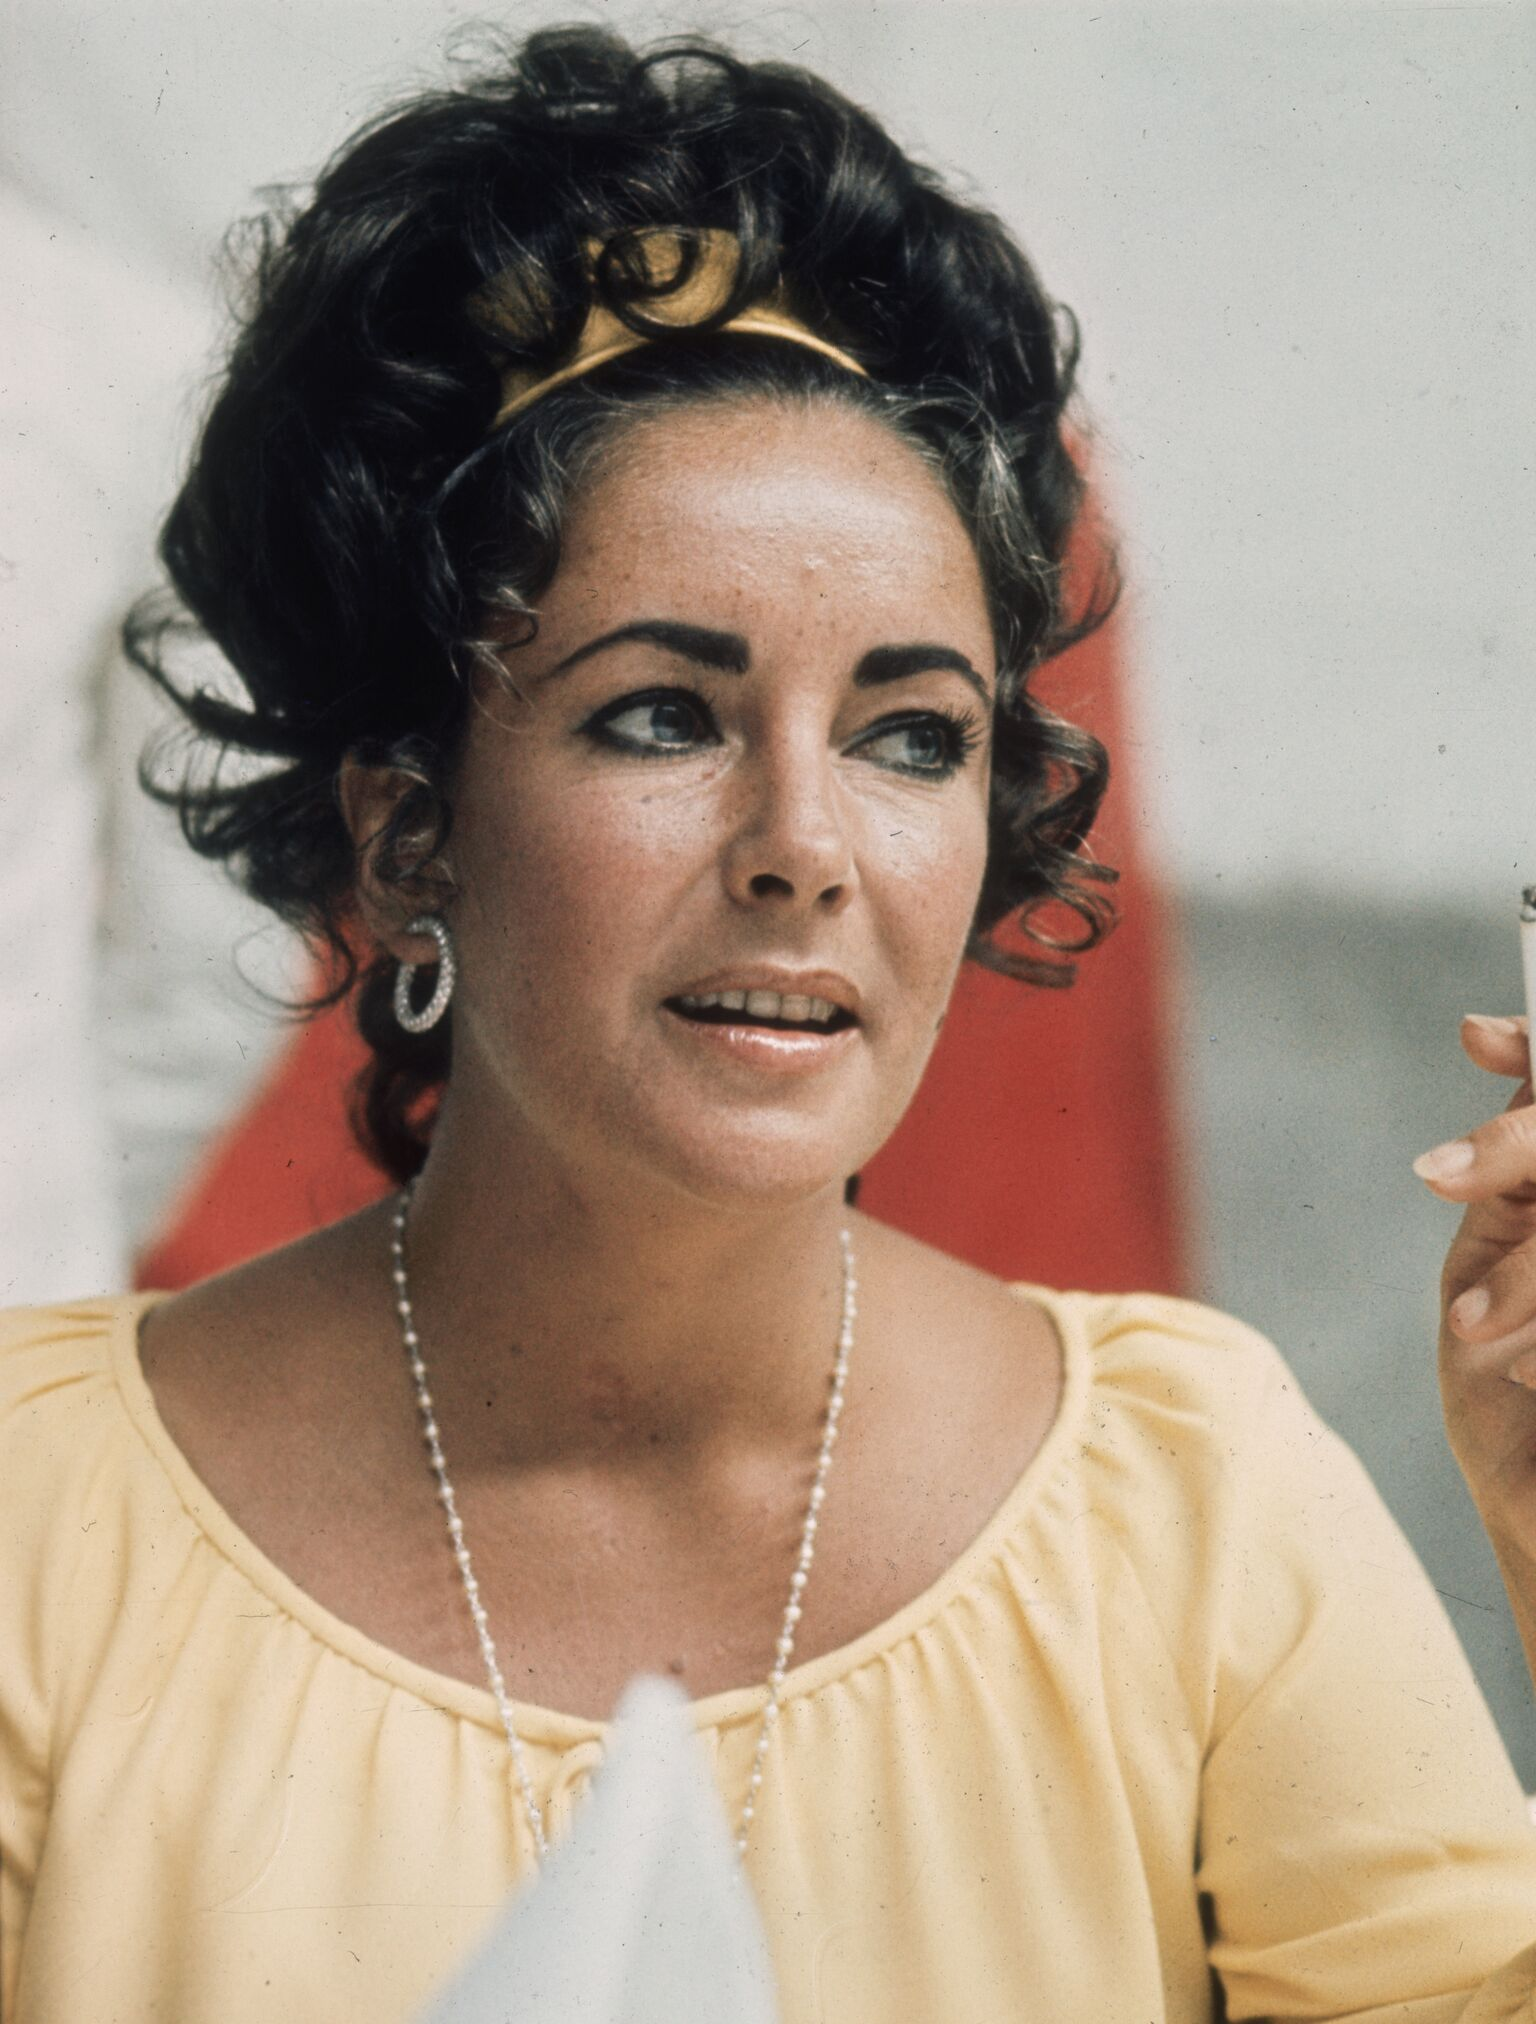 Elizabeth Taylor. I Image: Getty Images.